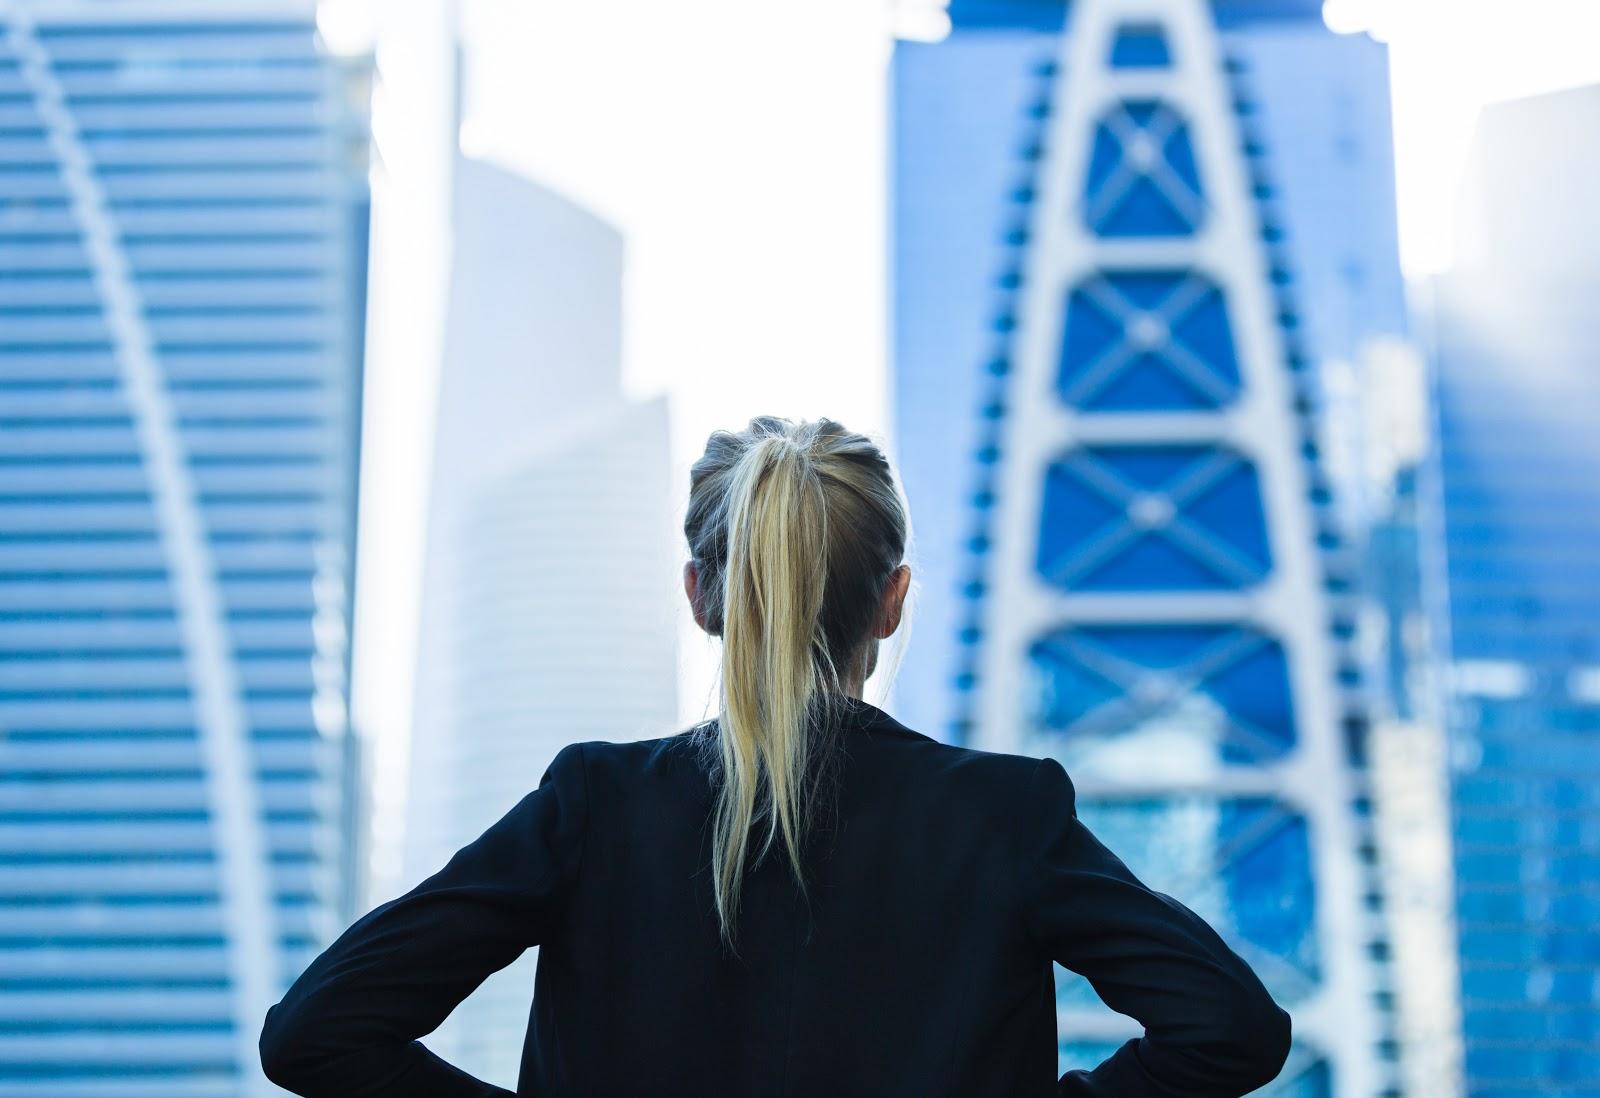 Real Estate career change